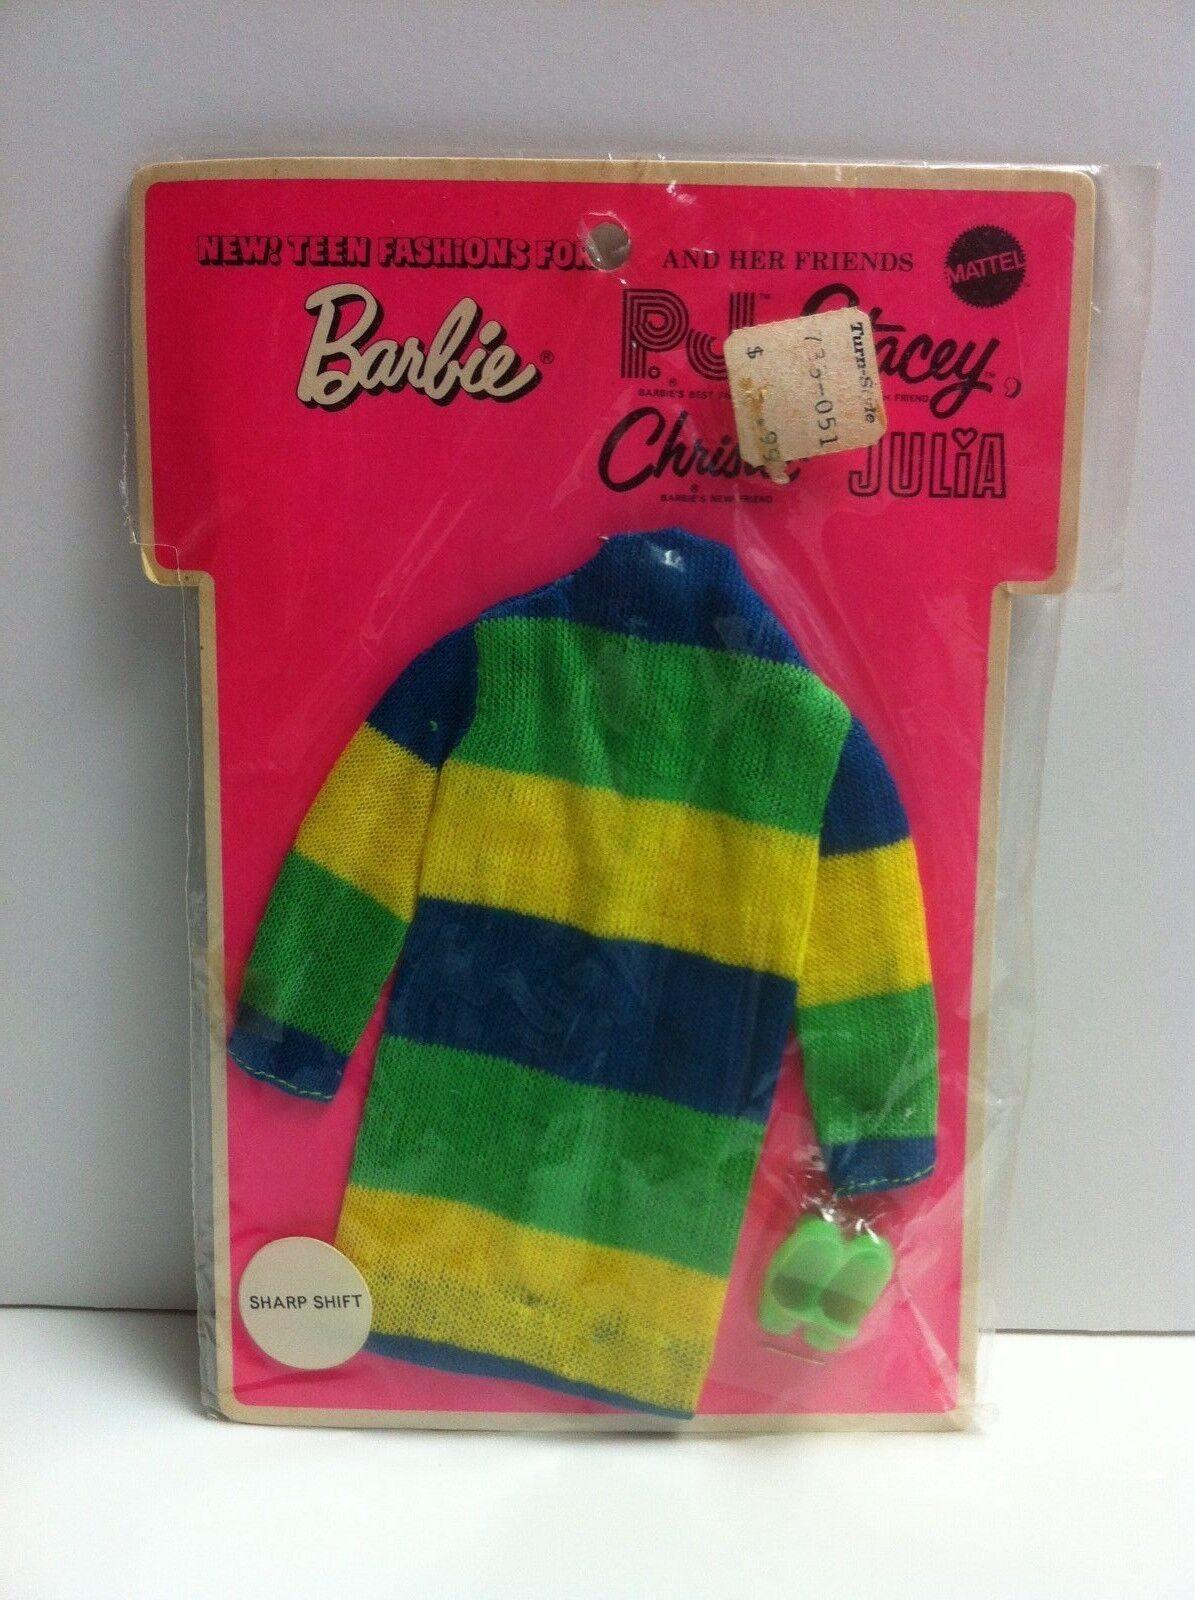 Vintage Muñeca Barbie Sharp cambio Pijama, Stacey, Christie & Julia nunca quitado de la caja en caja como nuevo Menta en paquete de menta en tarjeta